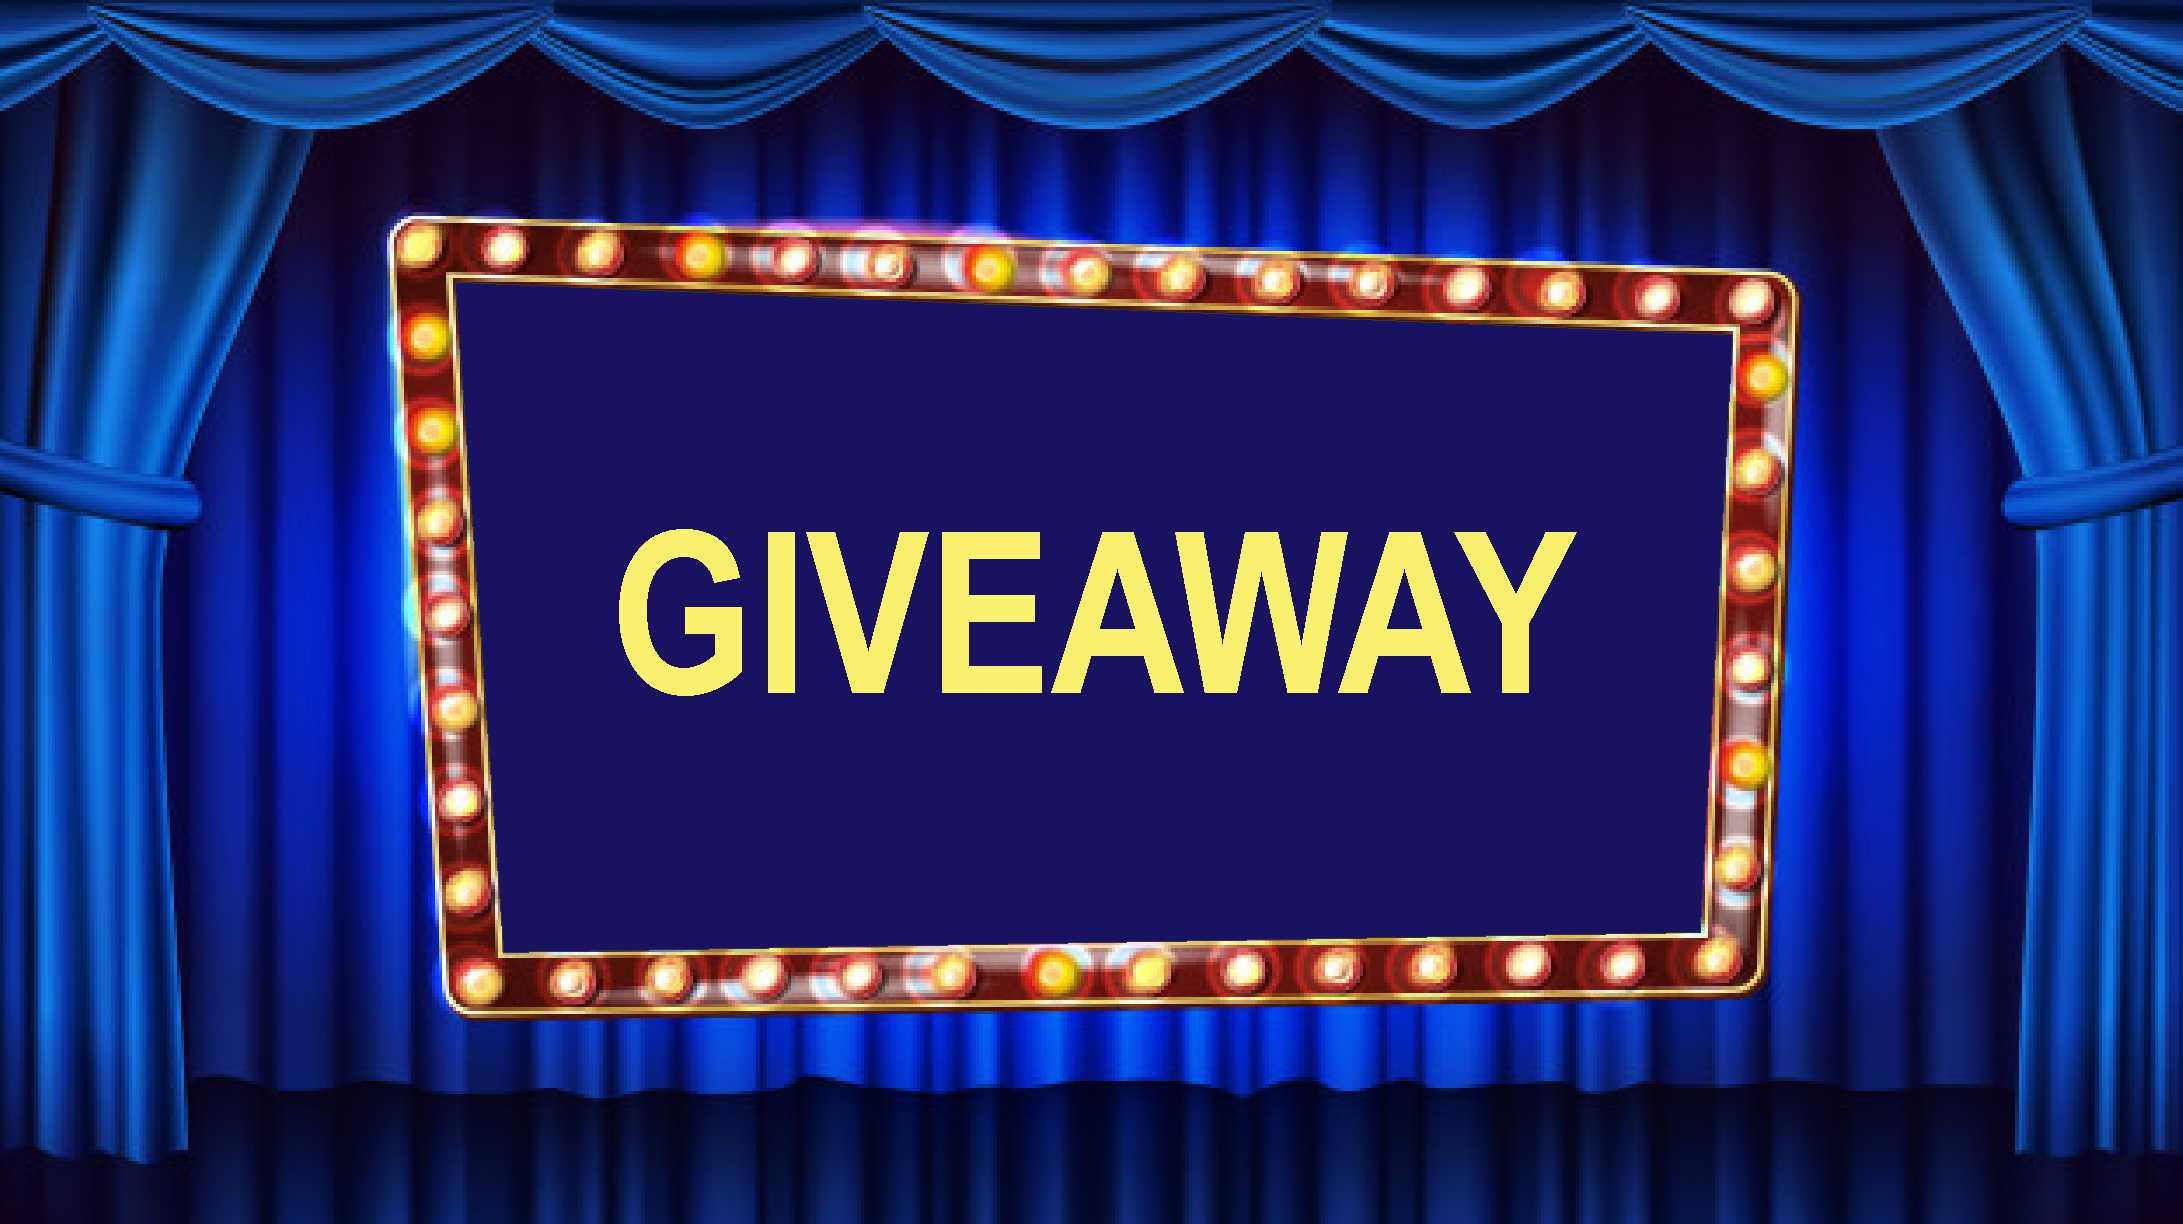 giveaway-castiga-zece-bilete